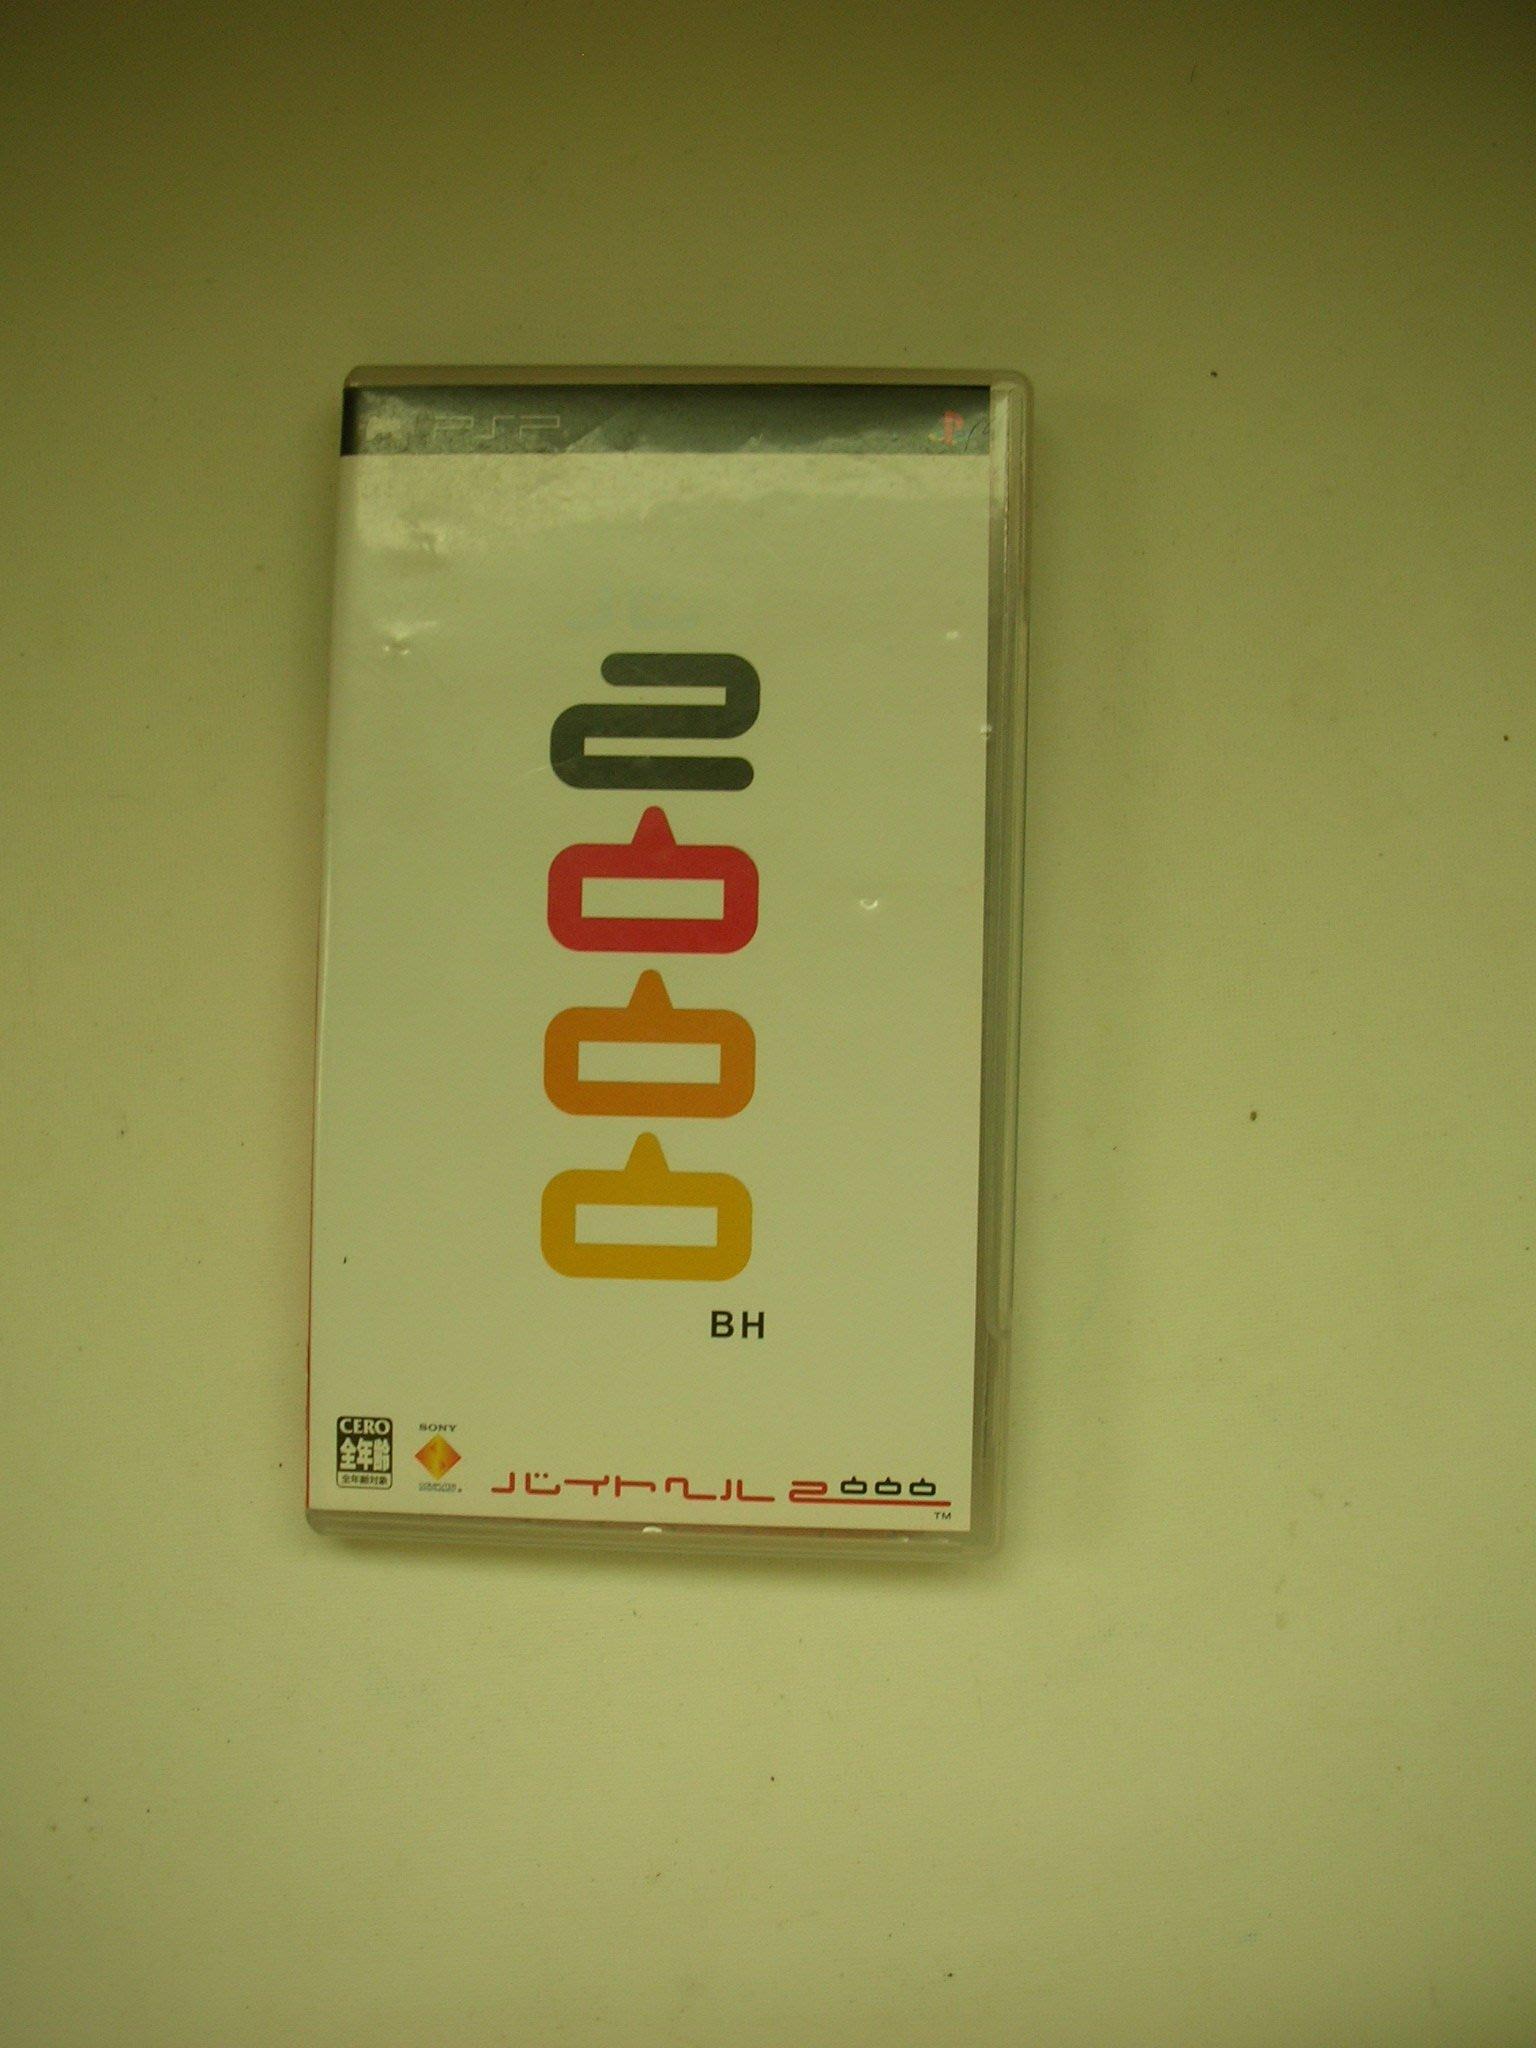 PSP 打工地獄 2000